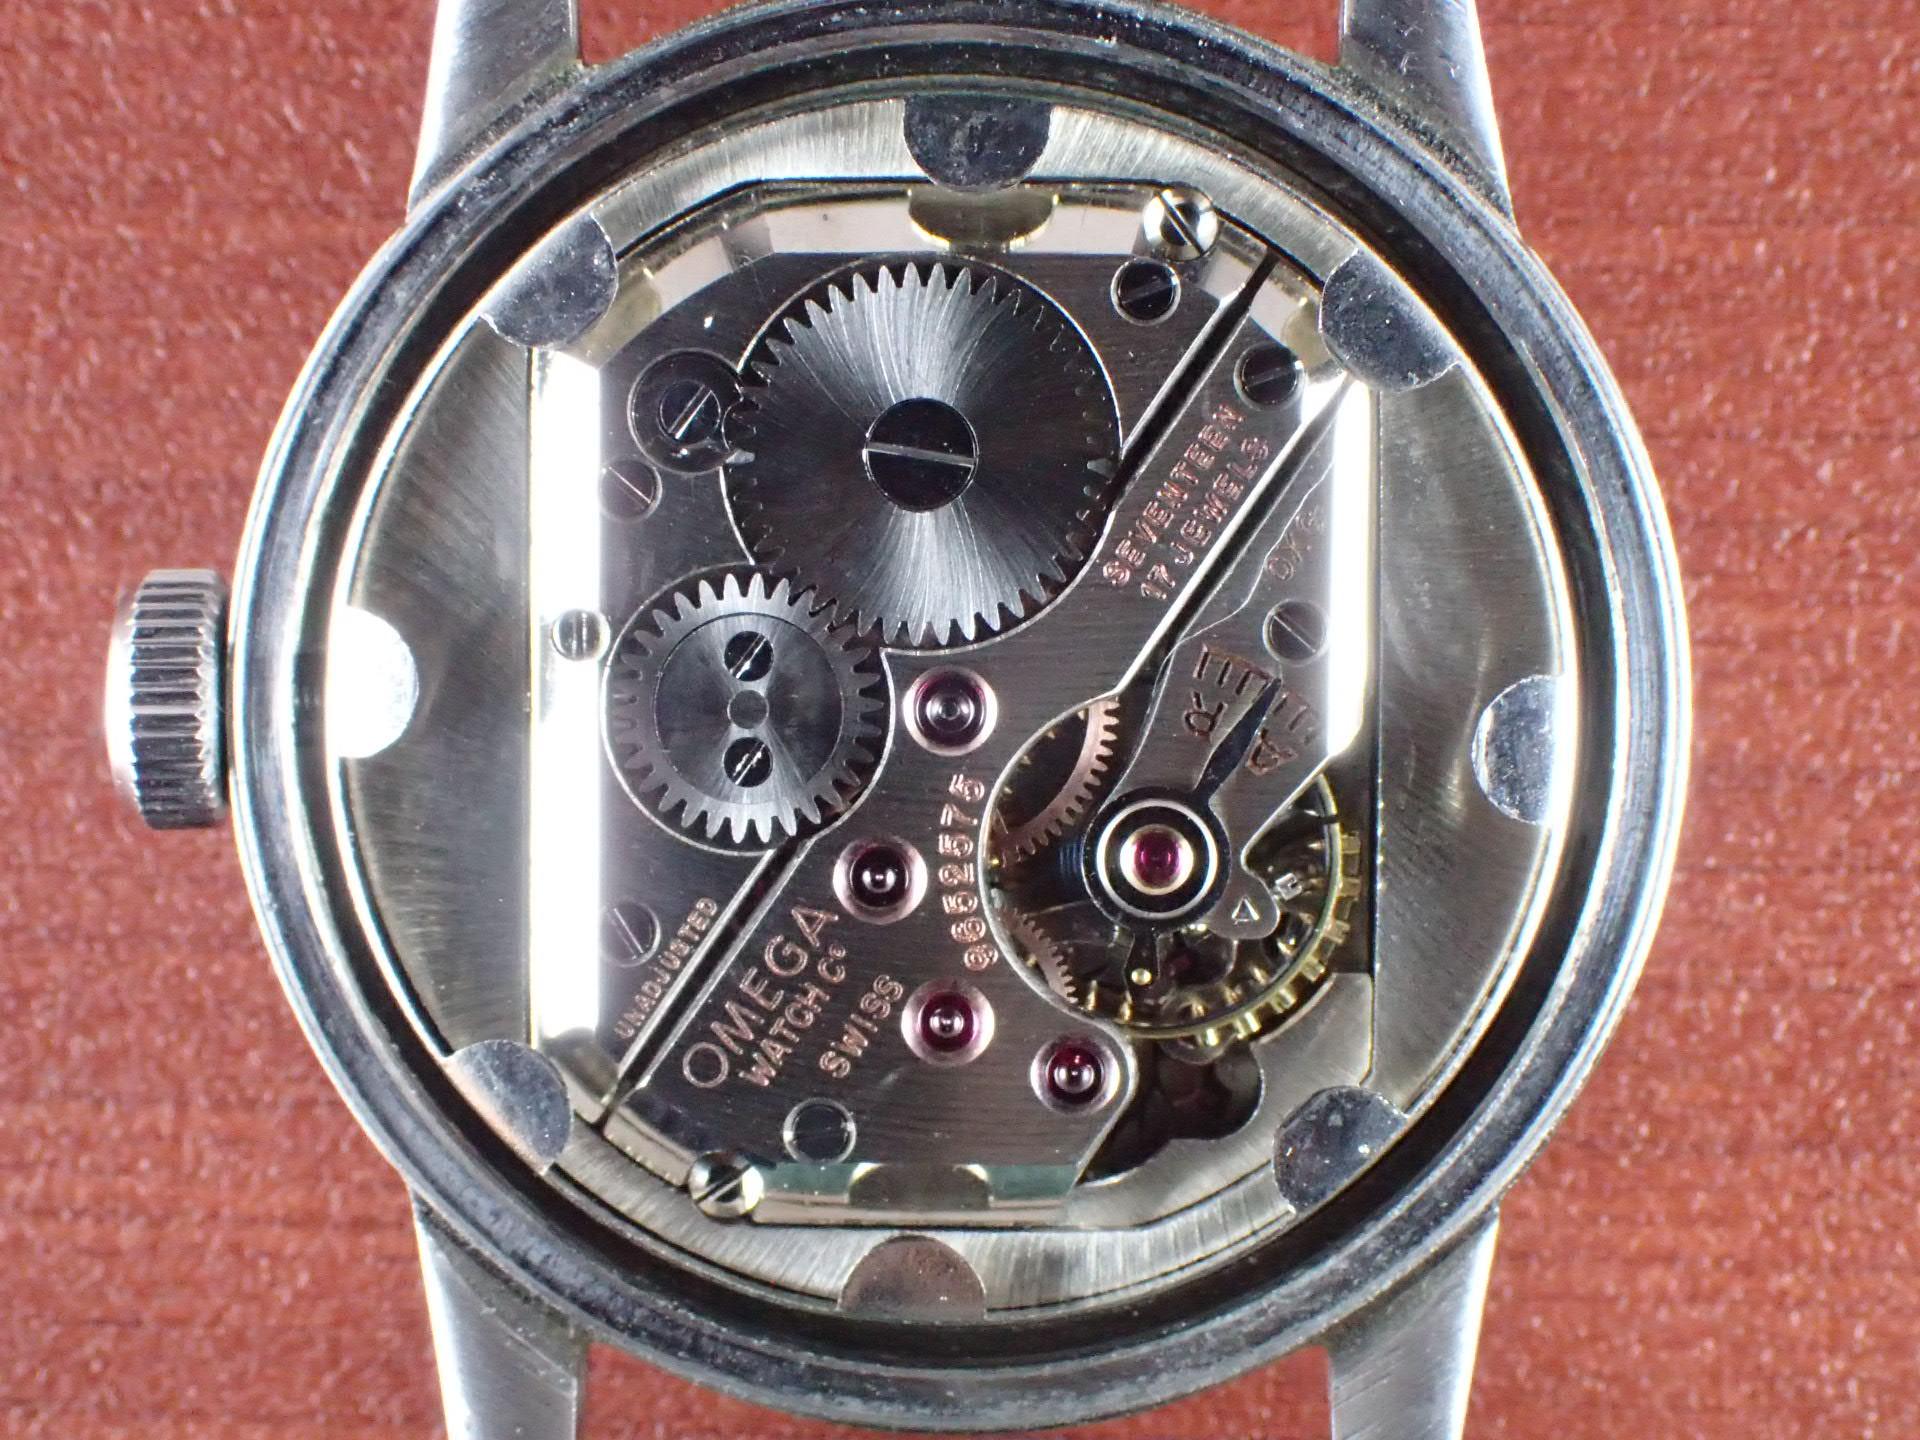 オメガ キャリバーR17.8 ローマンインデックス スクリューバック 1940年代の写真5枚目